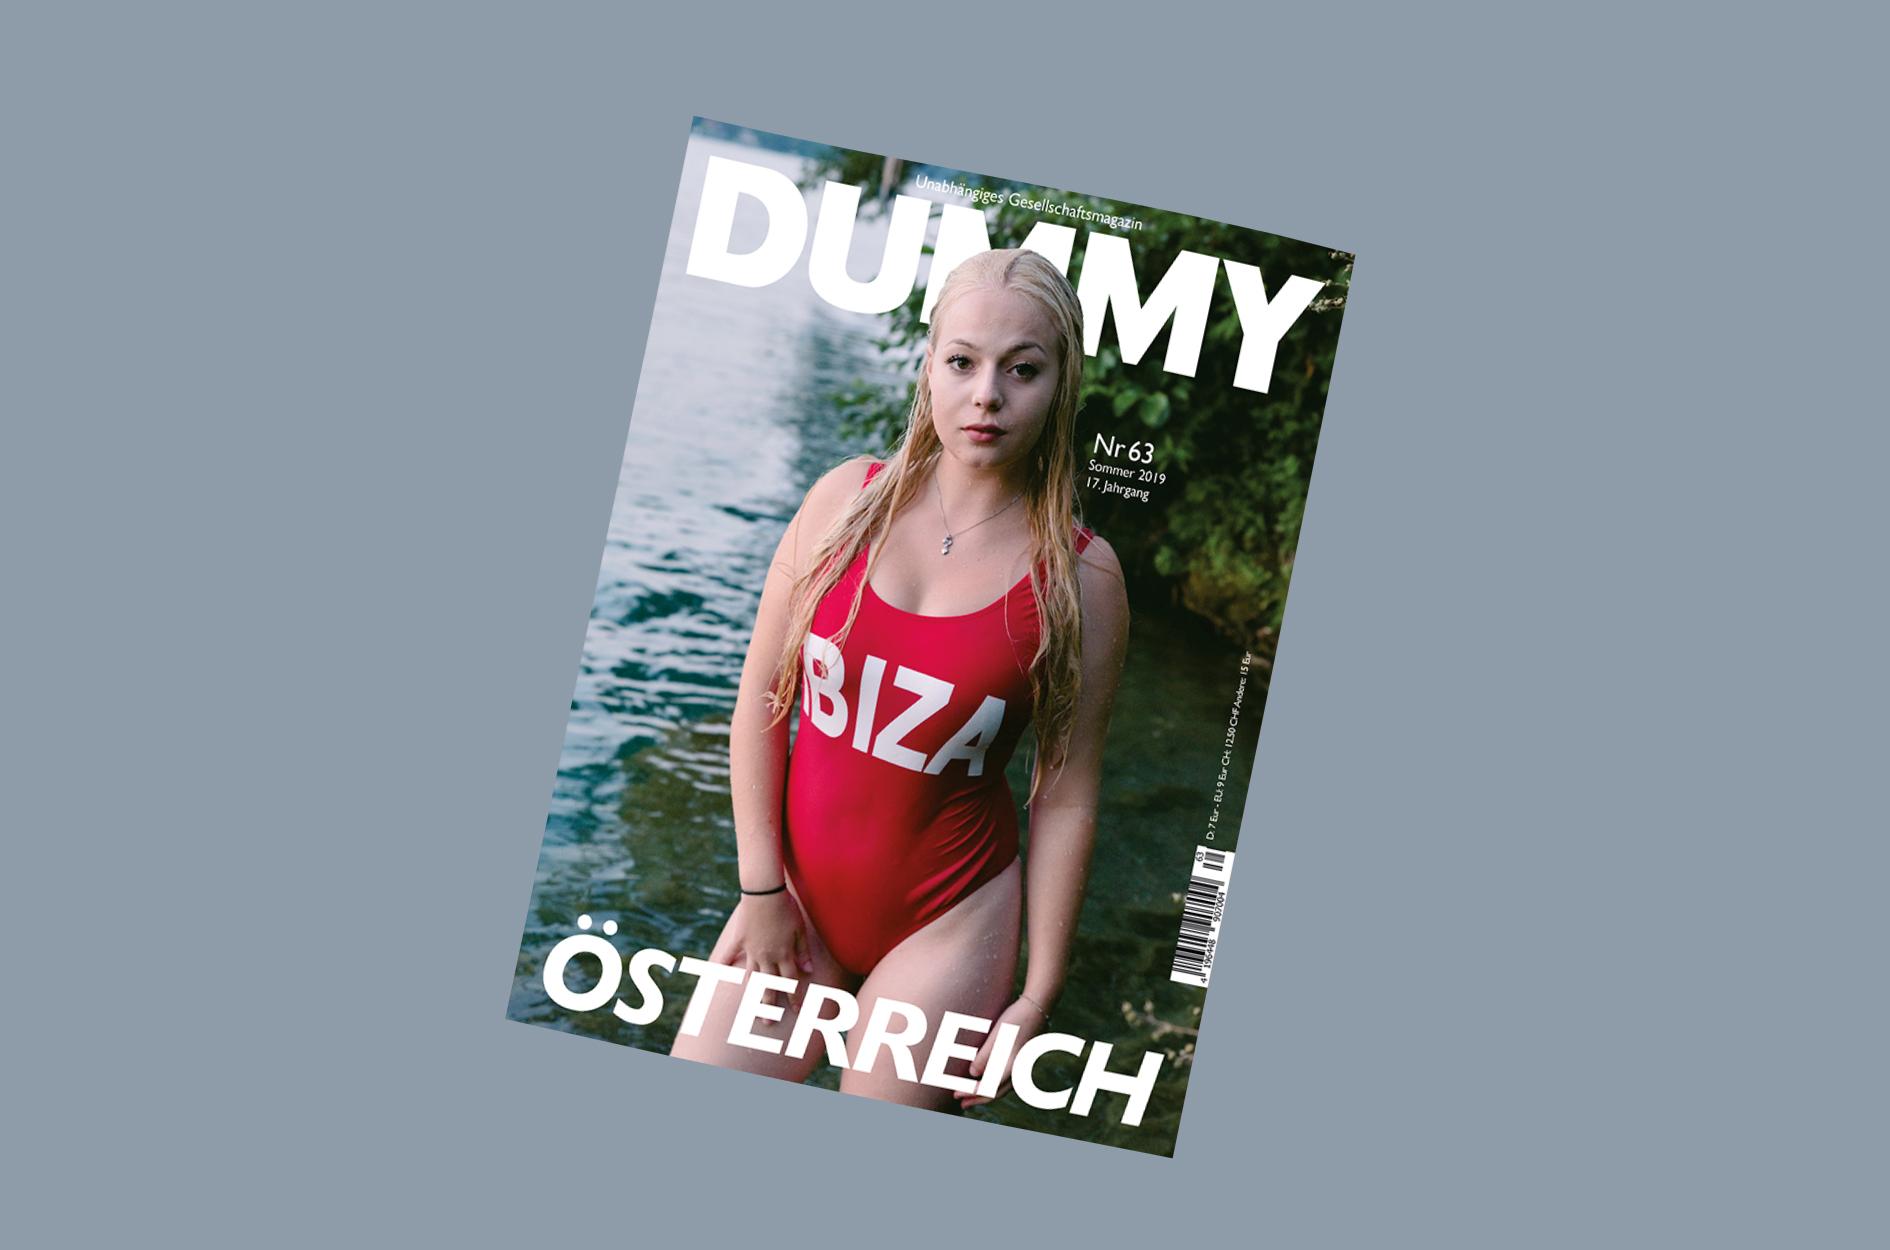 Dummy Österreich Cover